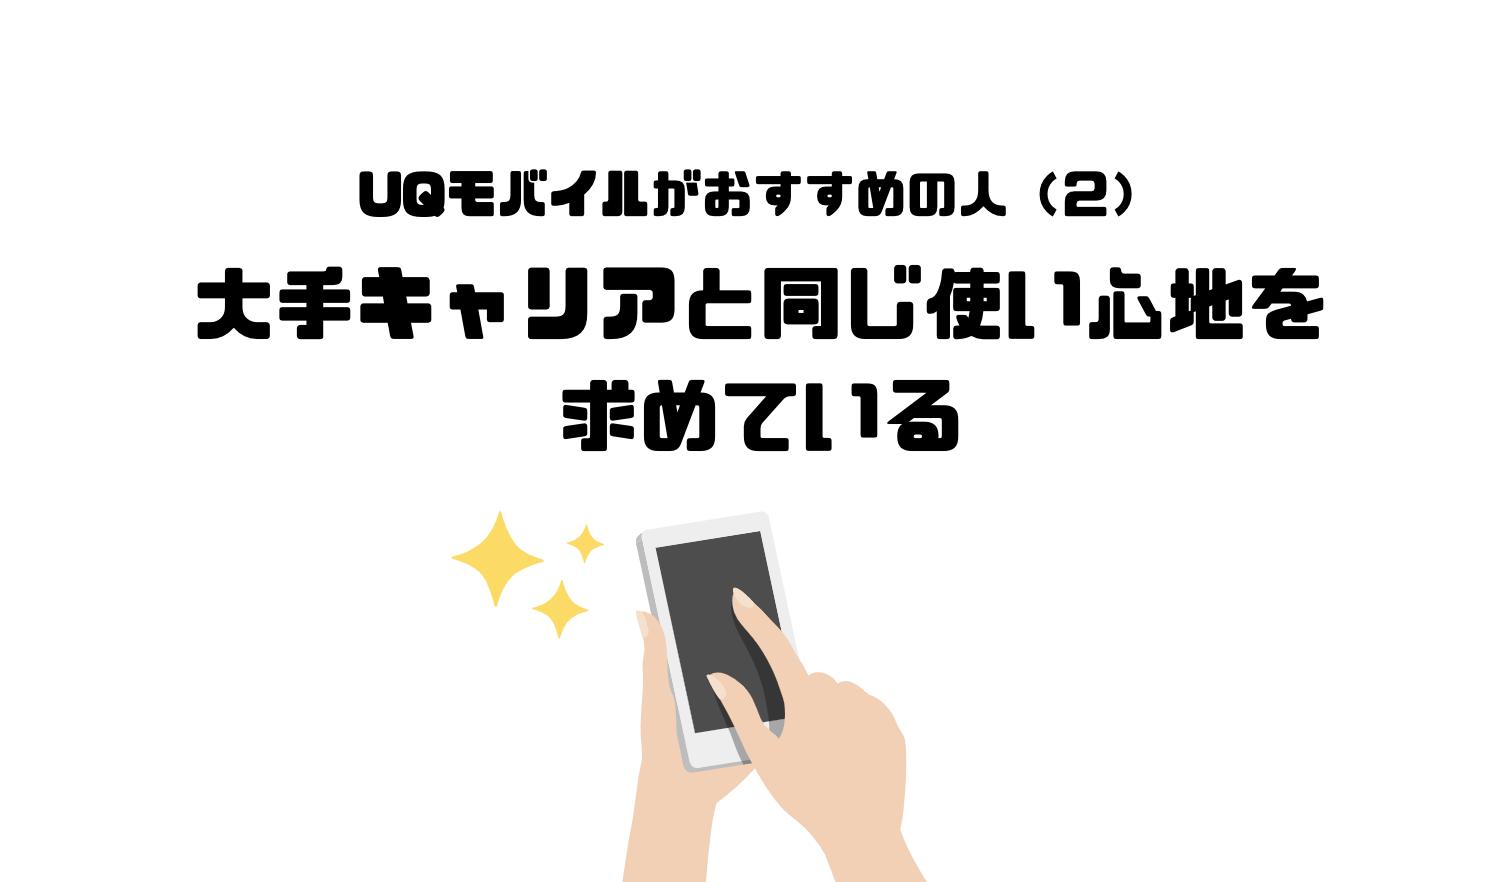 UQモバイル_口コミ_評判_おすすめ_大手キャリア_au_docomo_ドコモ_SoftBank_ソフトバンク_通信速度